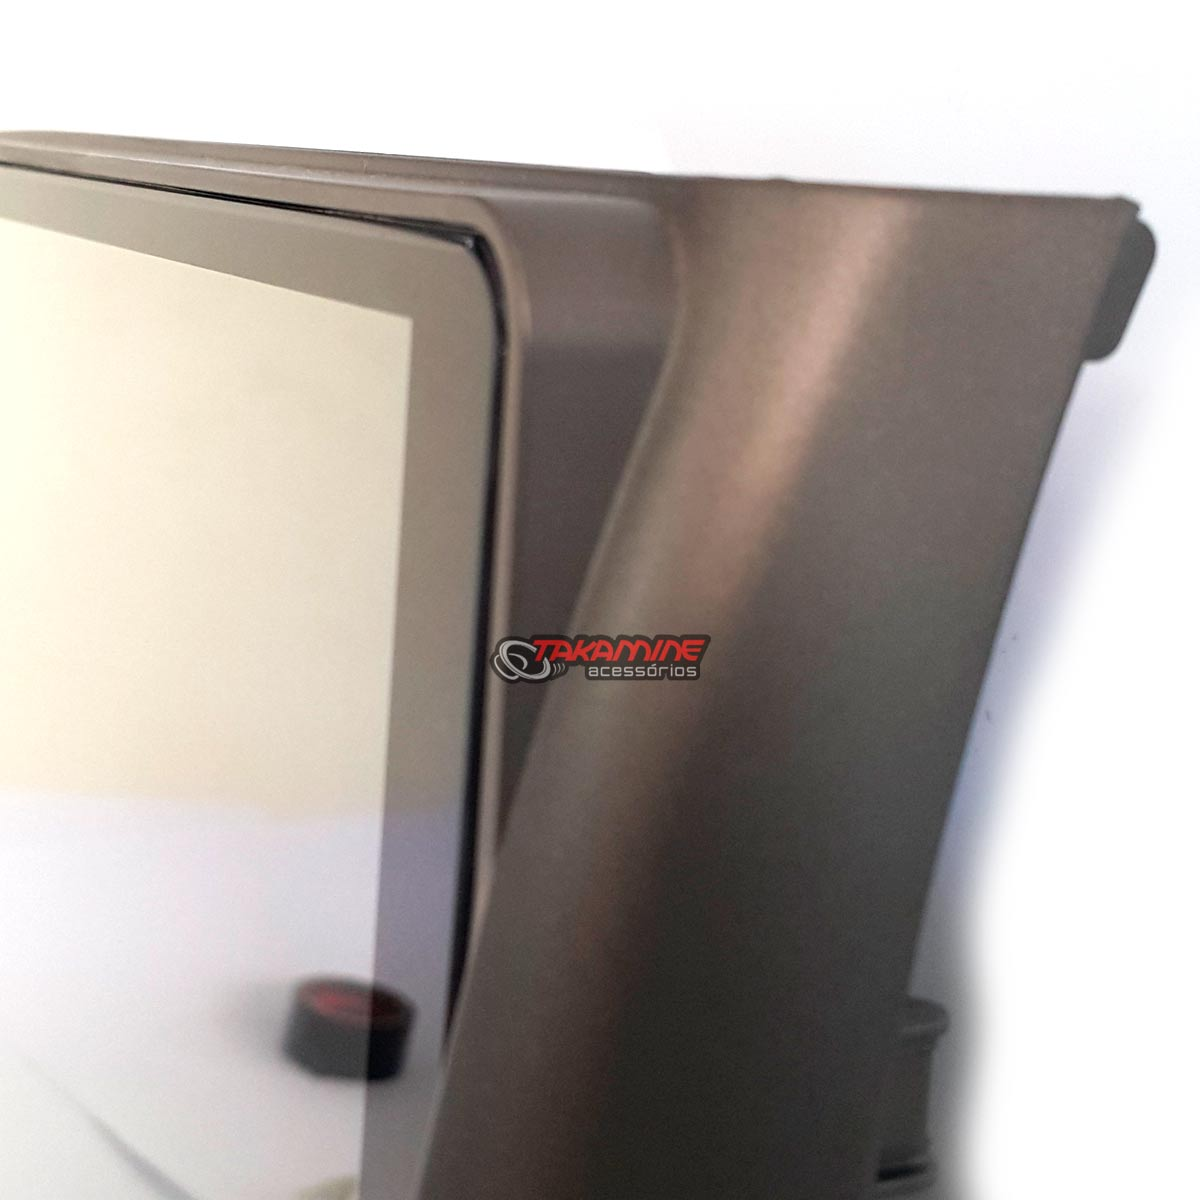 """Aparelho com tela 9"""" Fit 2004 até 2008 Taytech com bluetooth, espelhamento celular Android e IOS, entrada USB"""